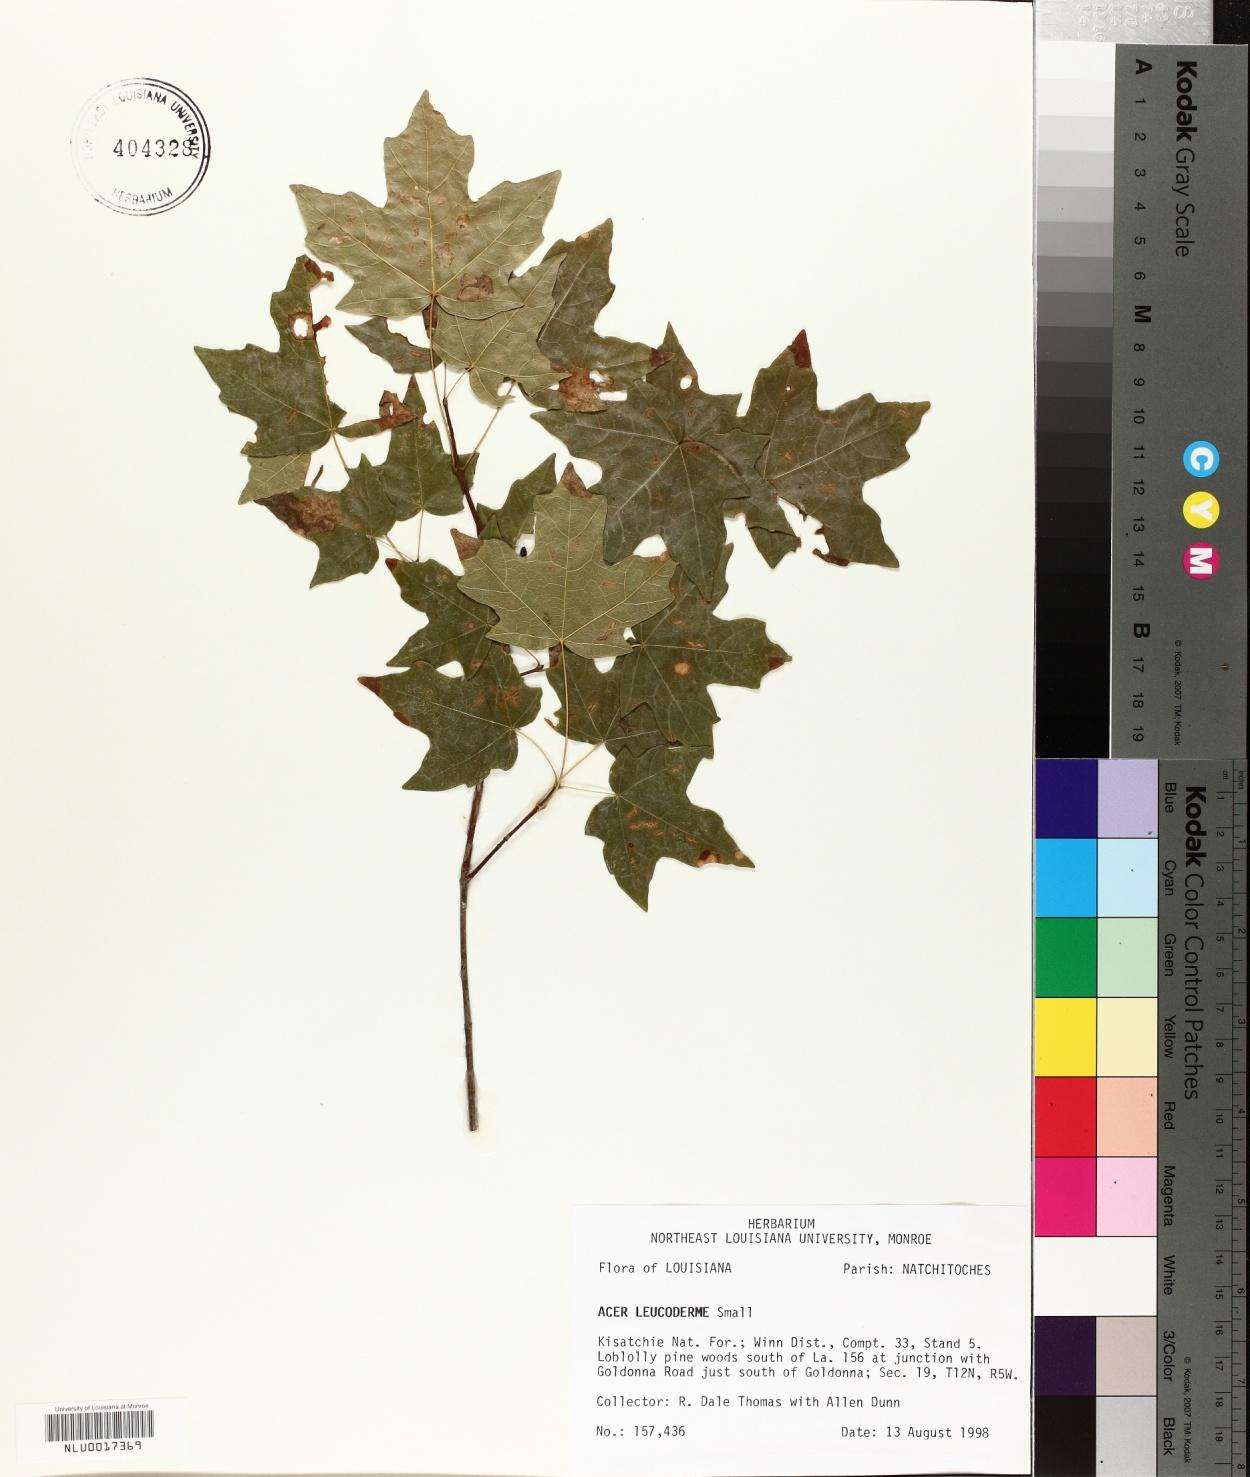 Aceraceae image